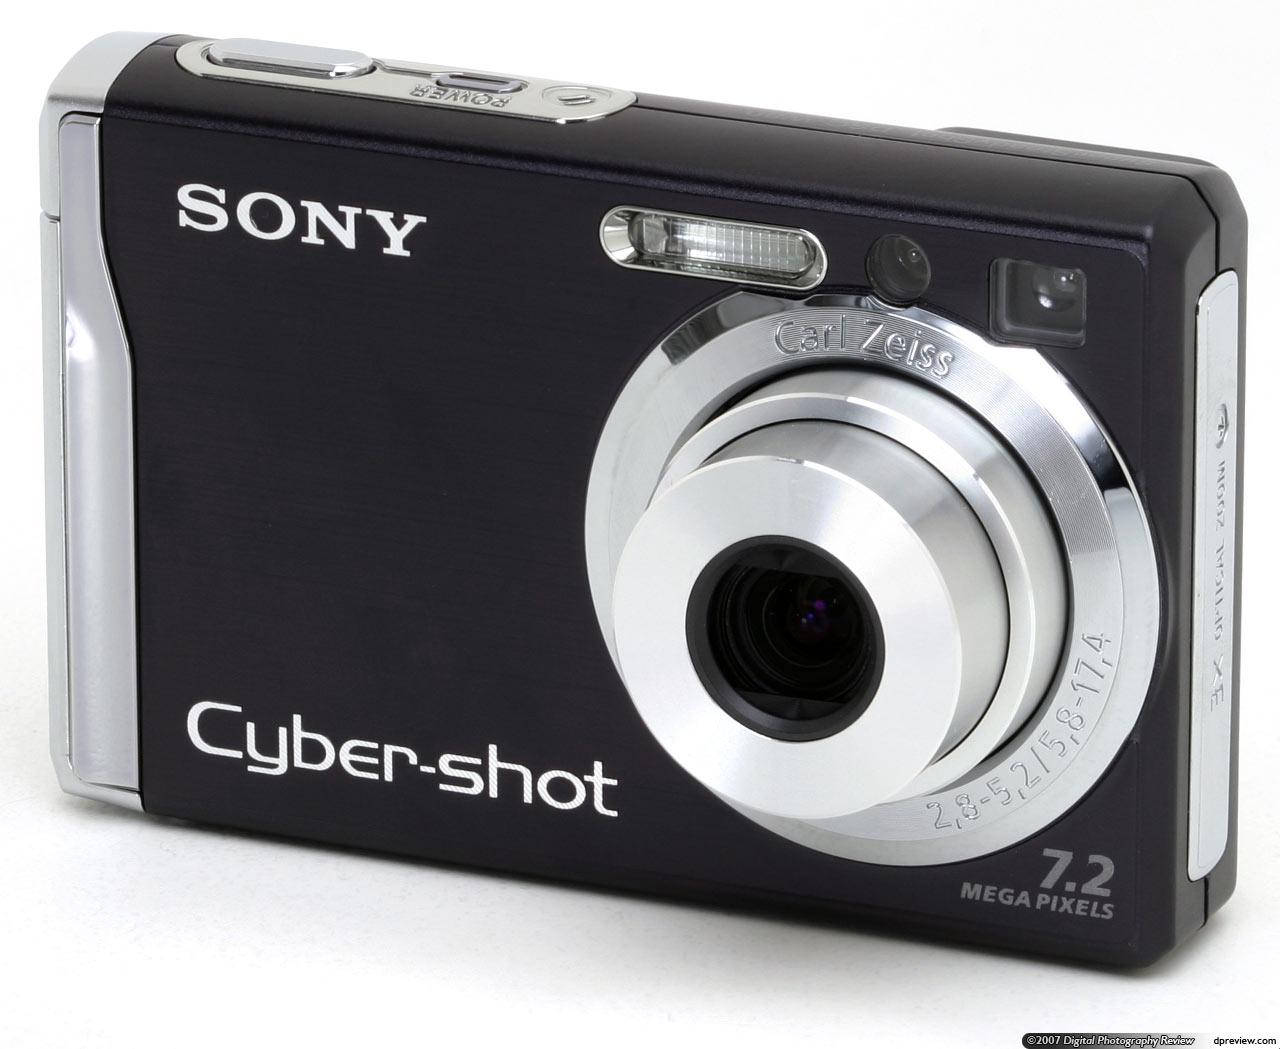 sony cyber shot w80 review digital photography review rh dpreview com Sony DSC W80 Camera Amazon Sony Camera DSC -W 80